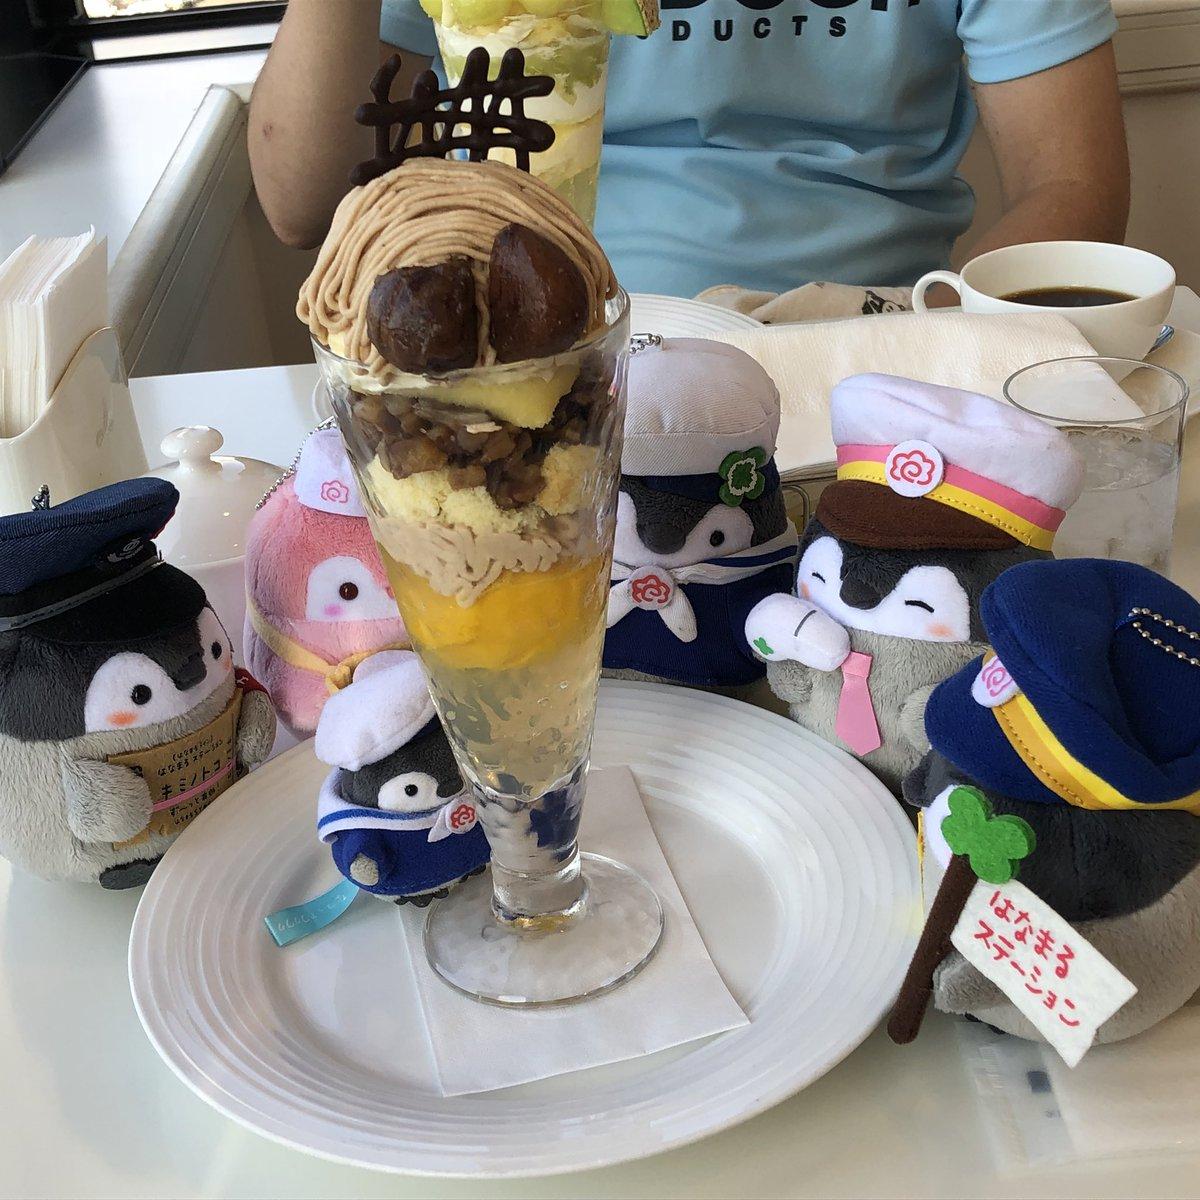 test ツイッターメディア - 鉄道博物館の帰り。 来てみたかったマールブランシュでモンブランパフェを食べた! 前にこの店のケーキを食べてめっちゃ好みの味だったから、今回はパフェに挑戦。パフェも完璧に美味かったよ〜〜(///▽///) 京都タワーの見えるいい席に座れた〜💕 https://t.co/tHUWeOdHAT